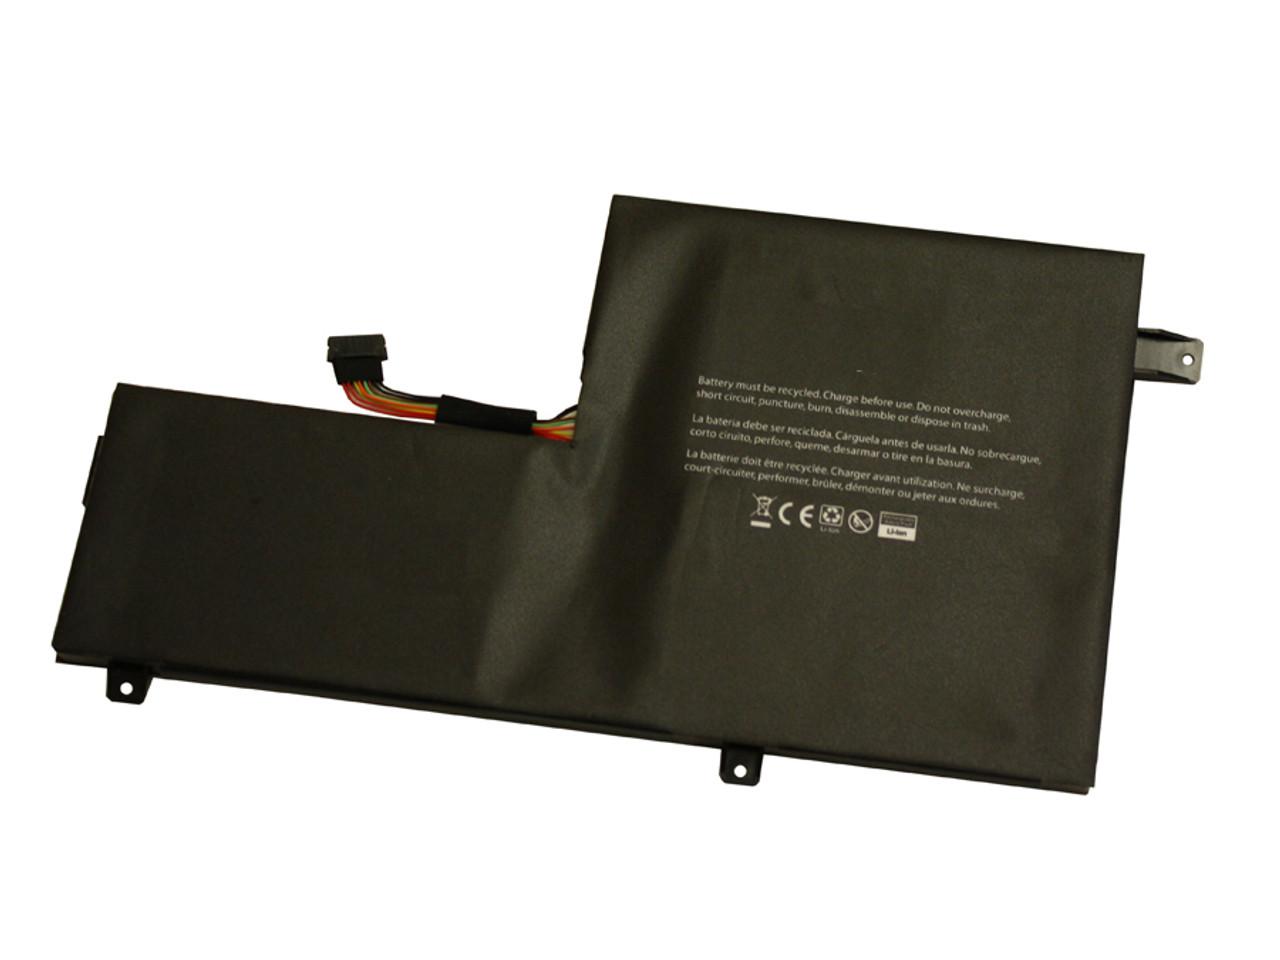 Lenovo Chromebook N22 battery